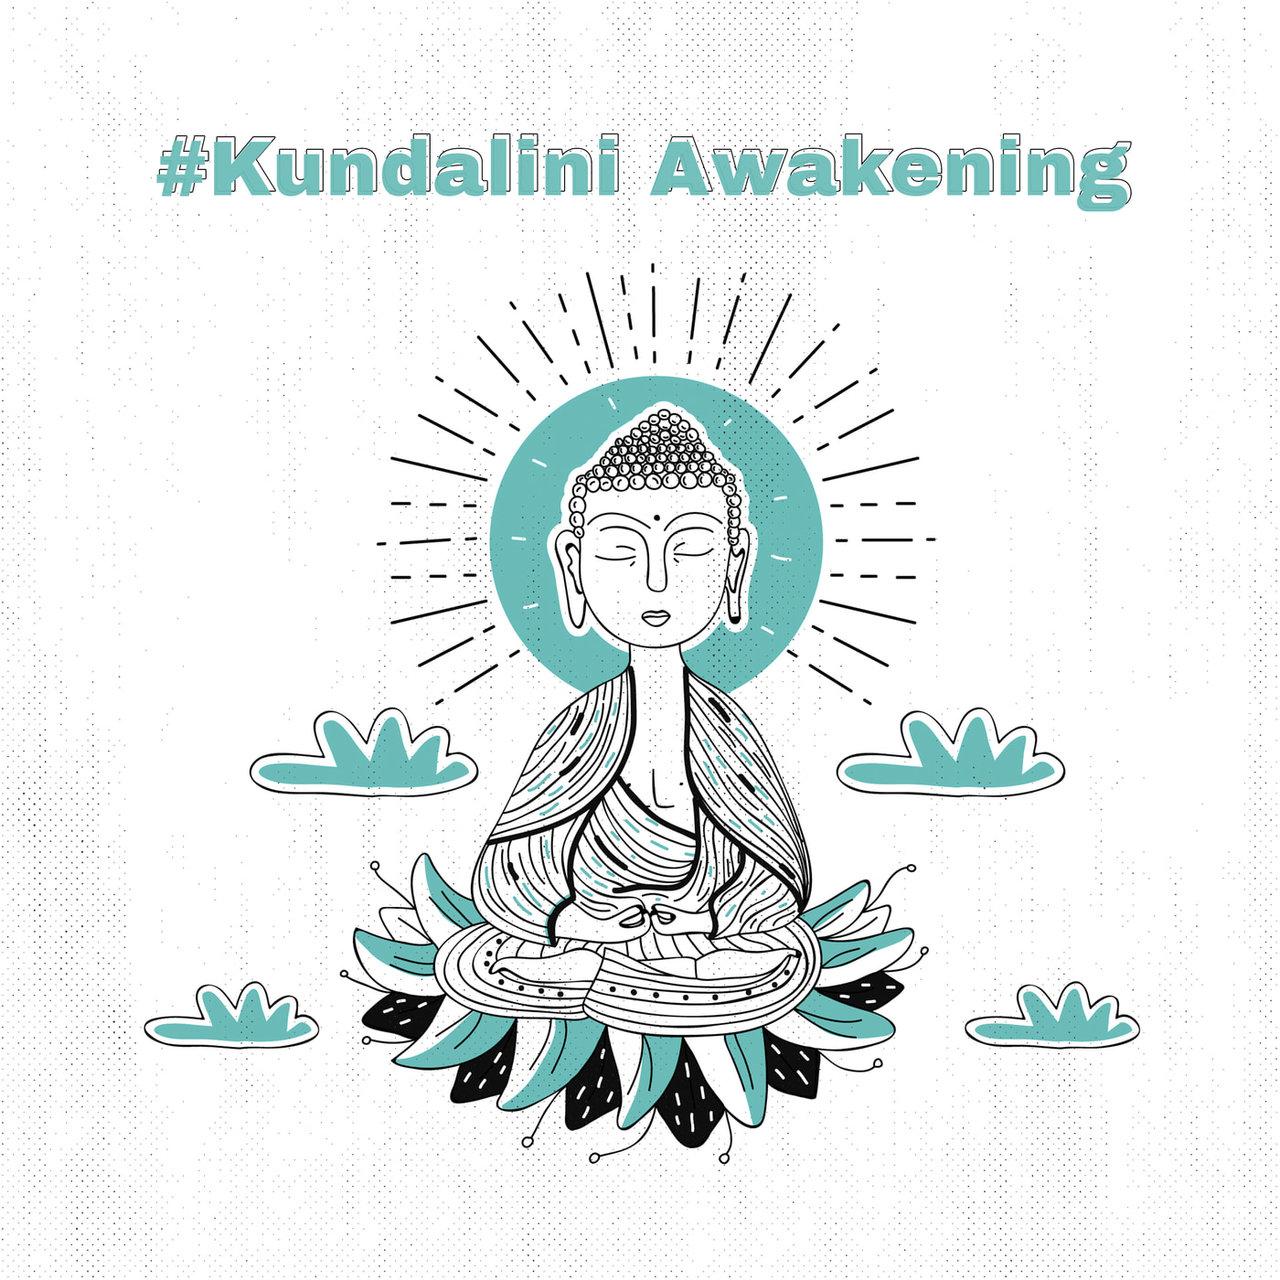 Kundalini Awakening by Chinese Relaxation and Meditation on